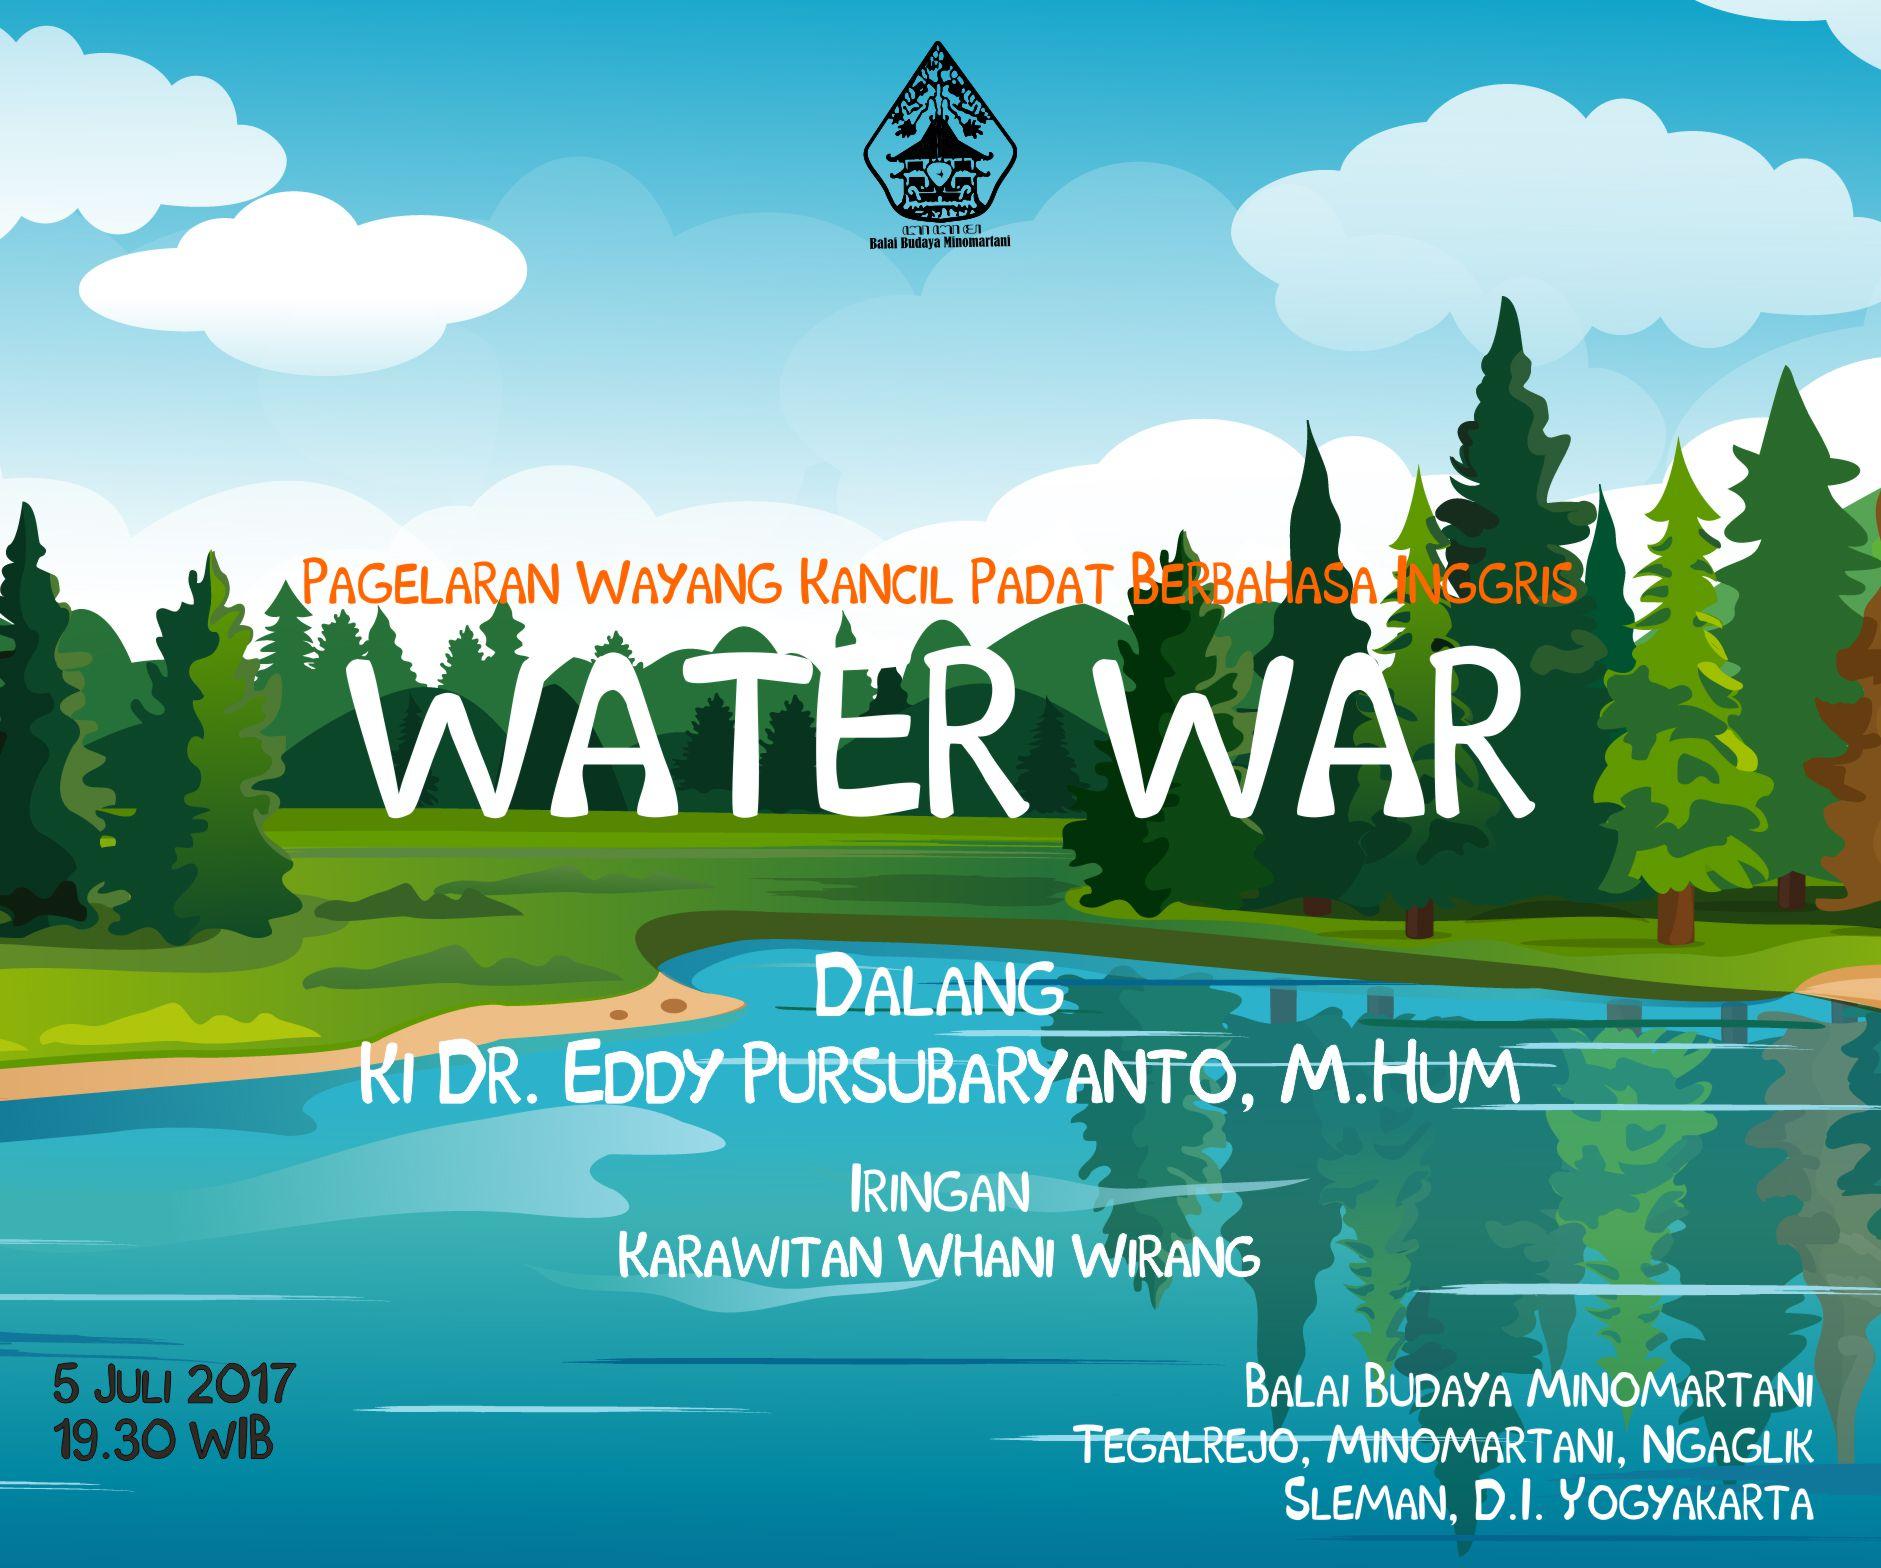 water war | Wayang Kancil | WATER WAR | Balai Budaya Minomartani